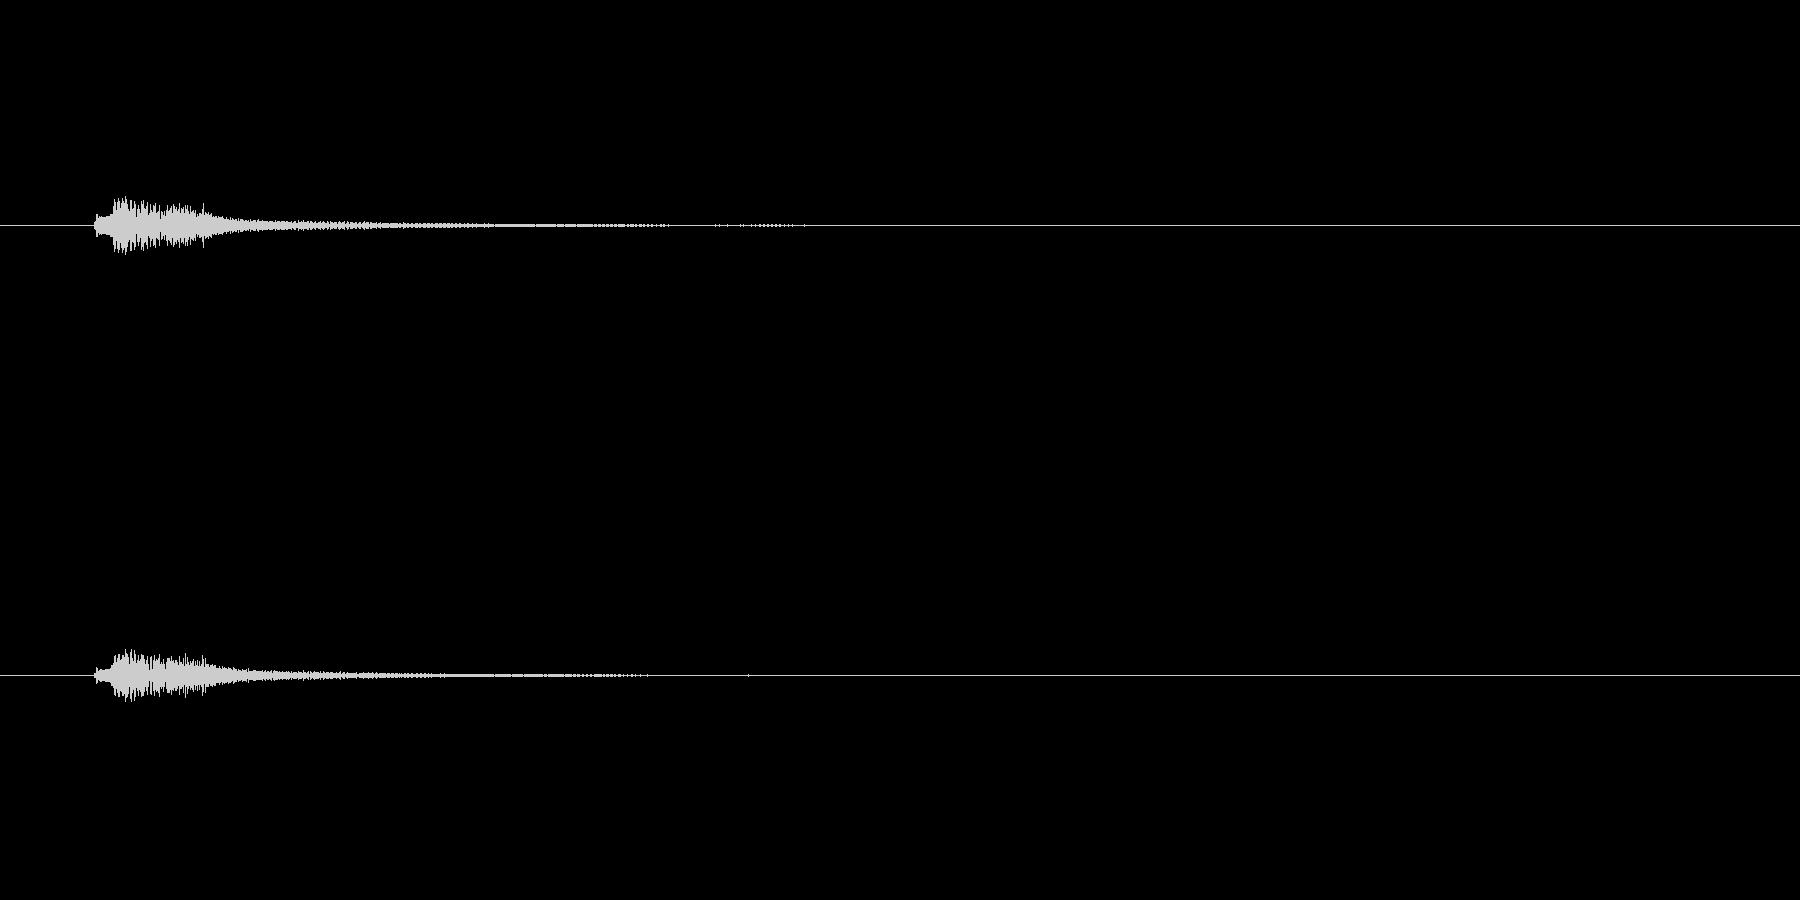 ハープフルディミニッシュコードクラ...の未再生の波形